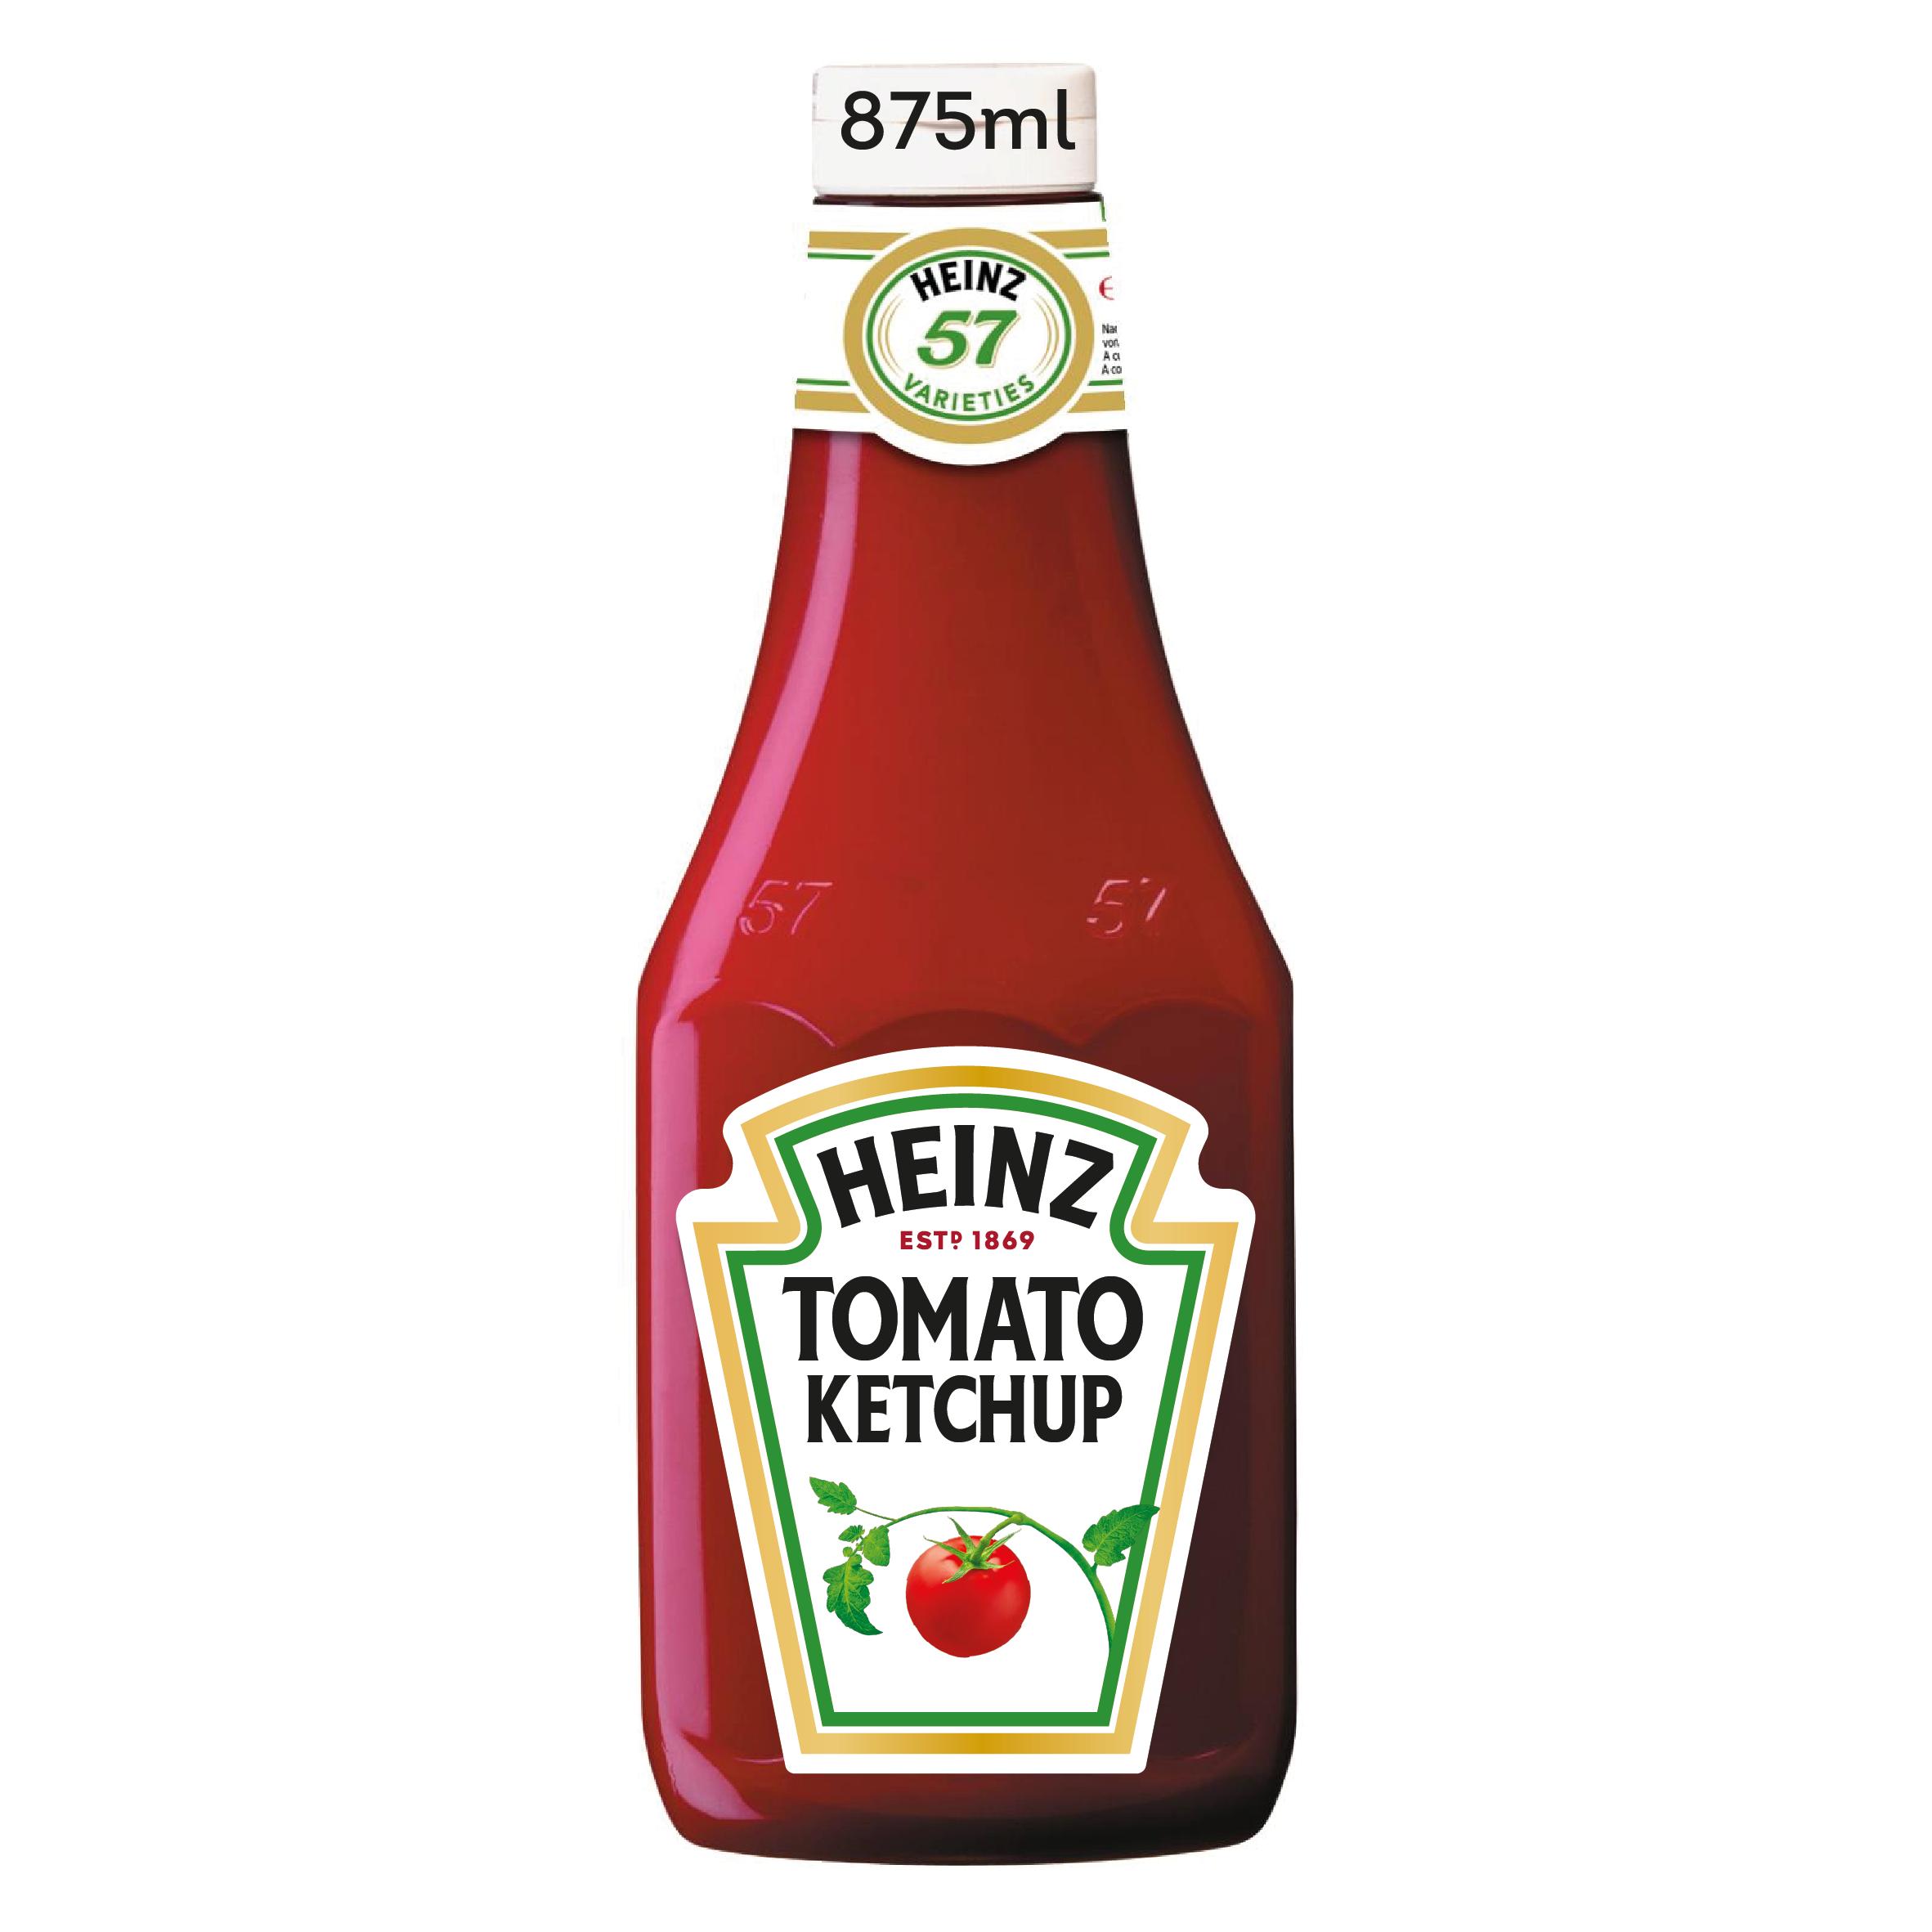 Heinz Tomato Ketchup 875ml image